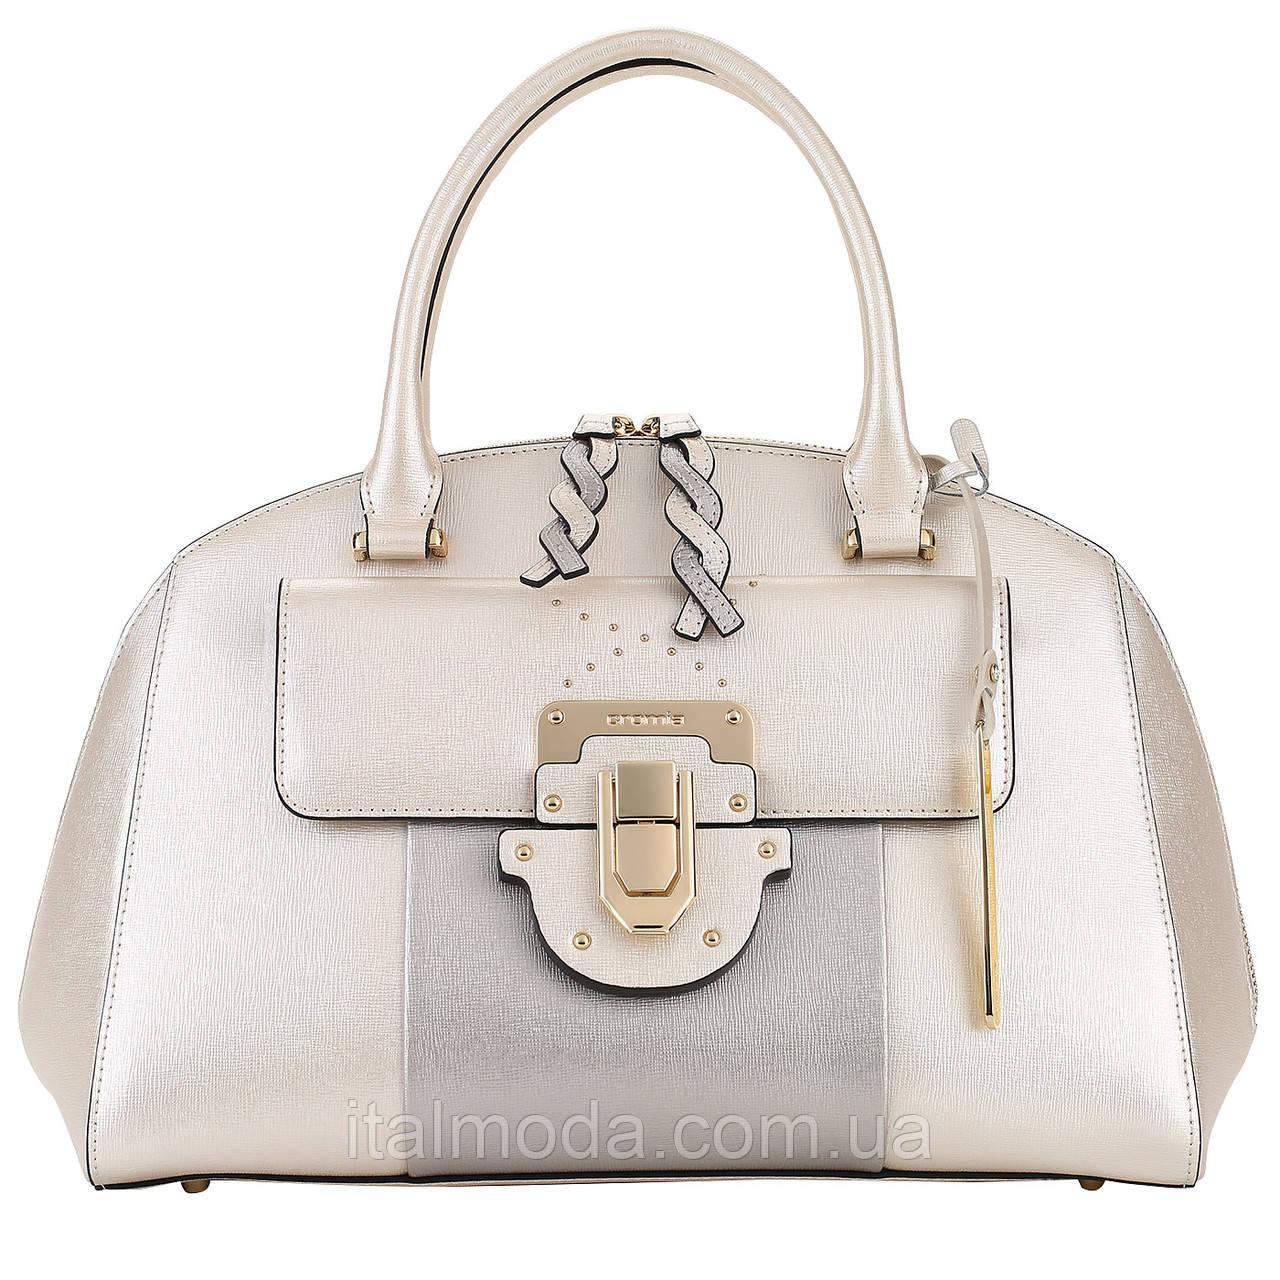 b7576cae0308 Женская сумка Cromia (Кромия)1403695  продажа, цена в Киеве. женские ...